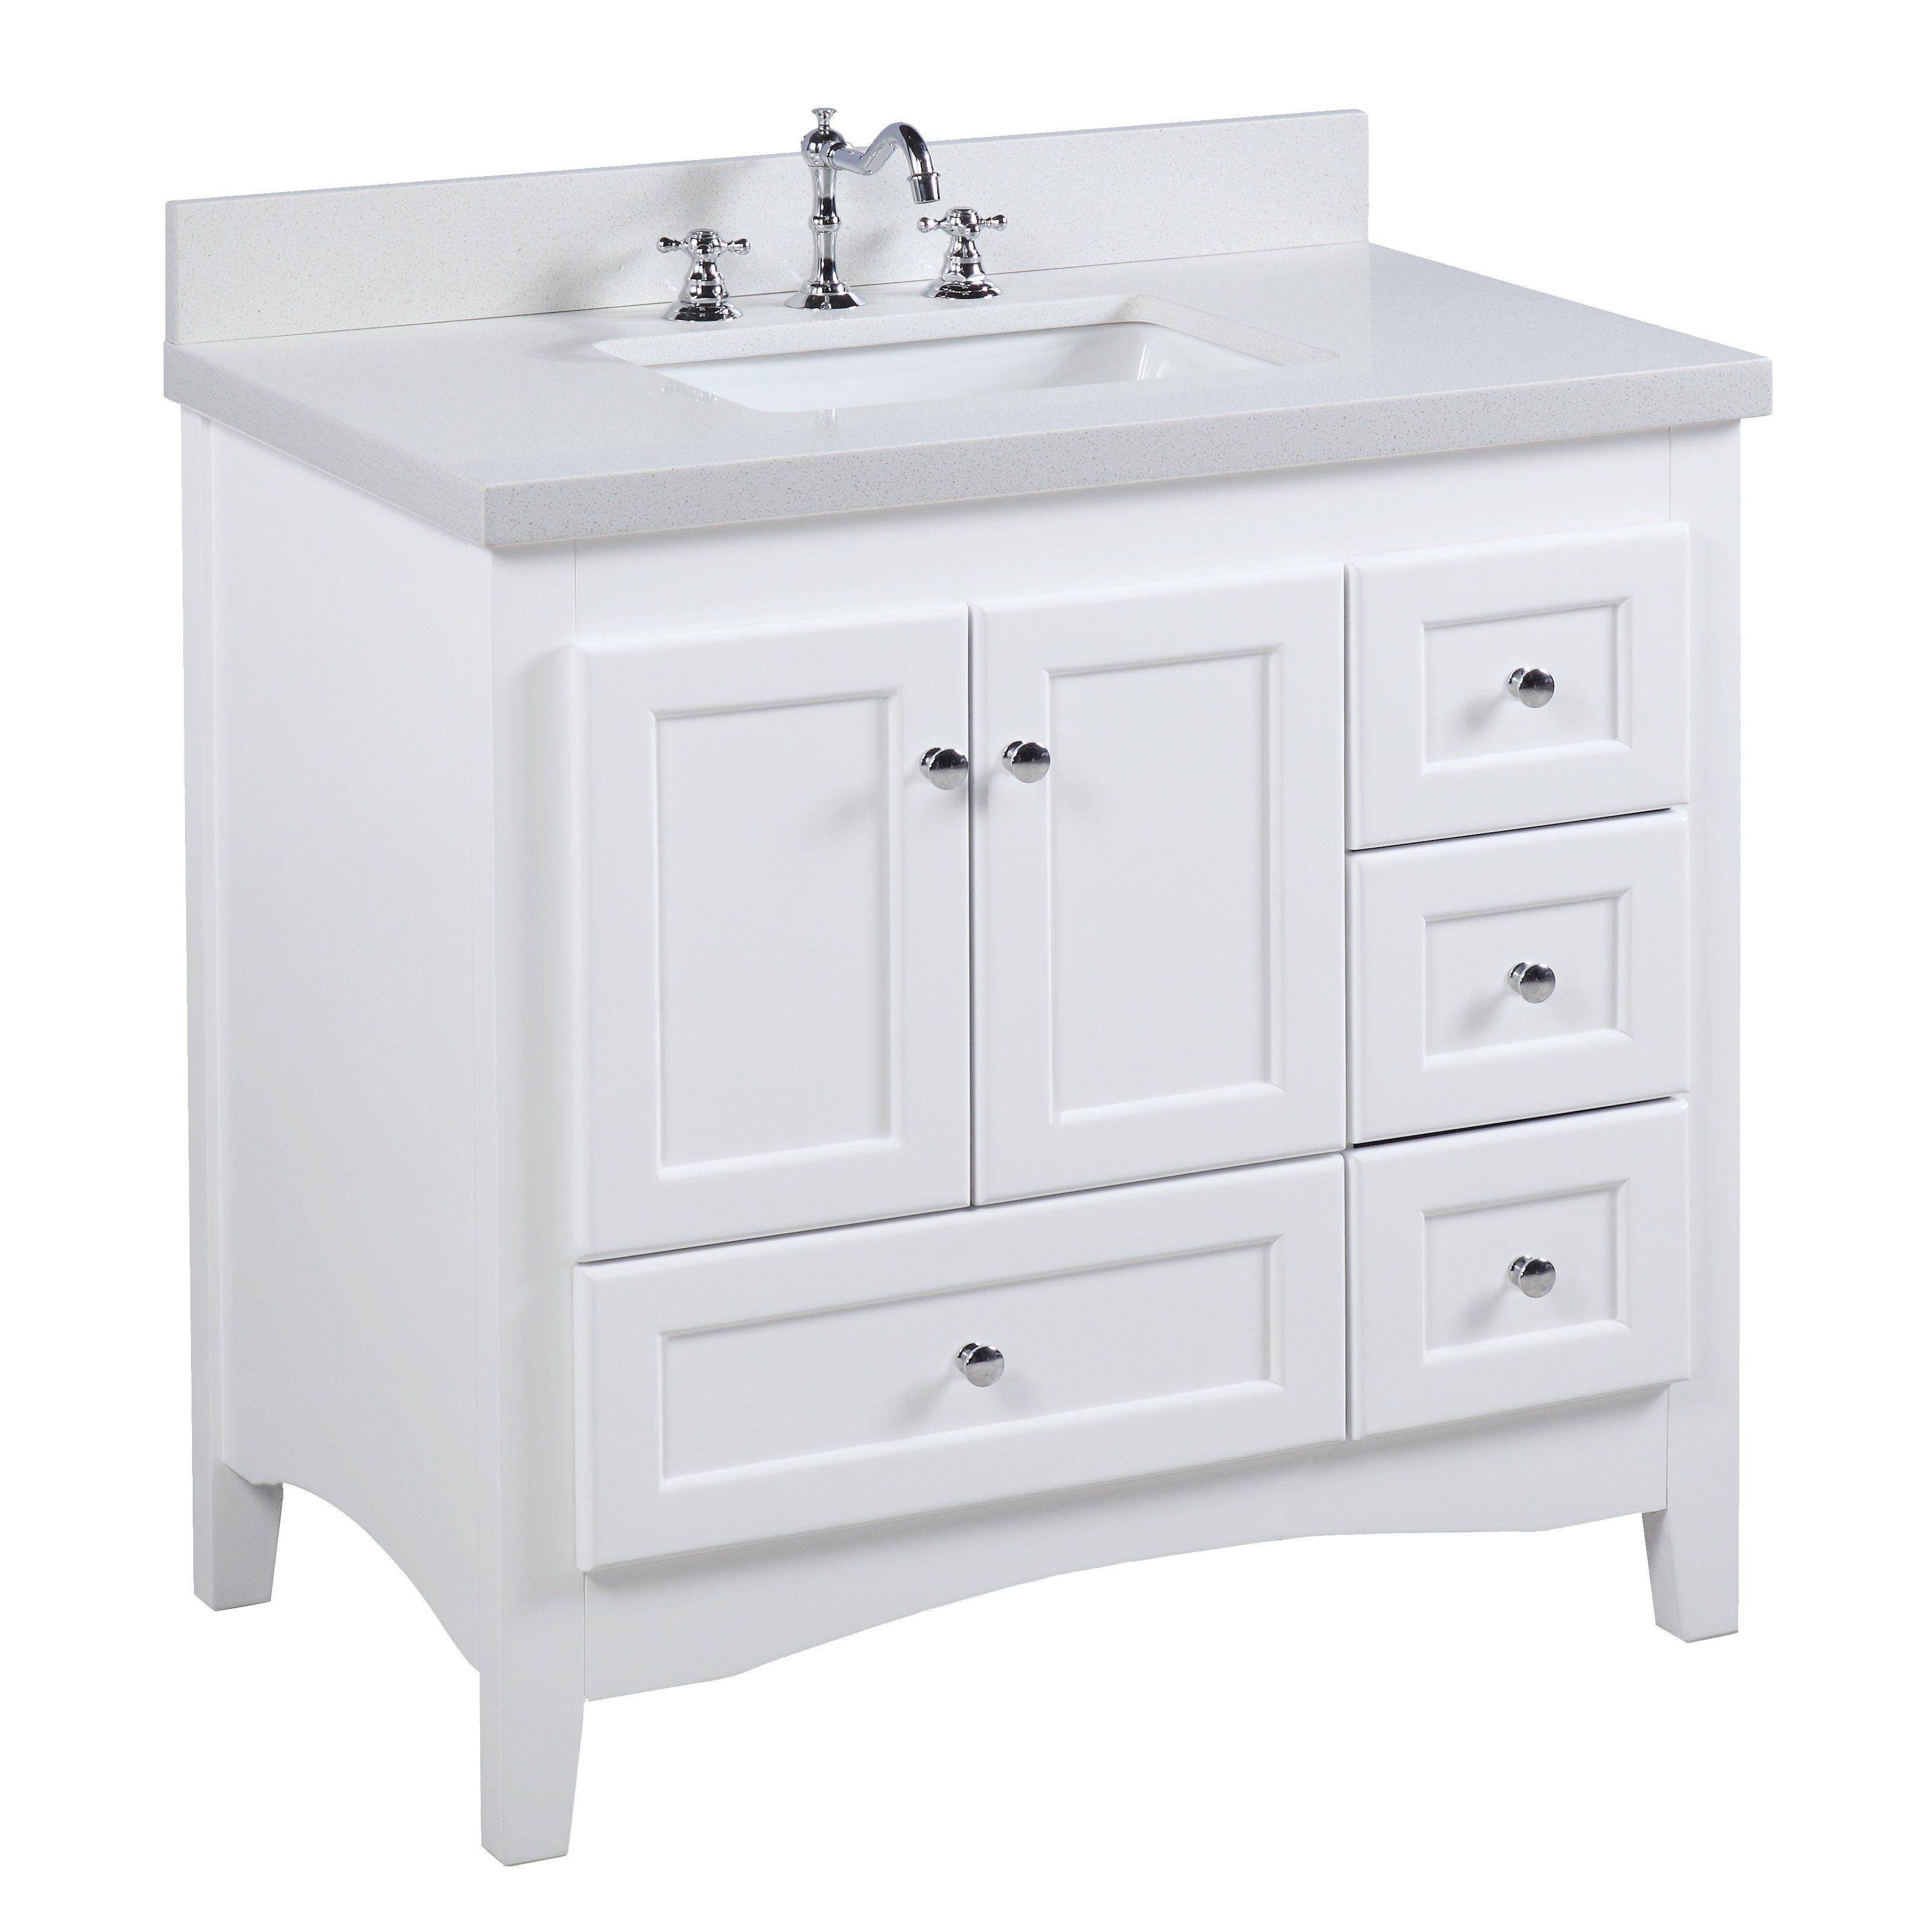 Abbey 36 Inch Vanity Quartz White Single Bathroom Vanity 36